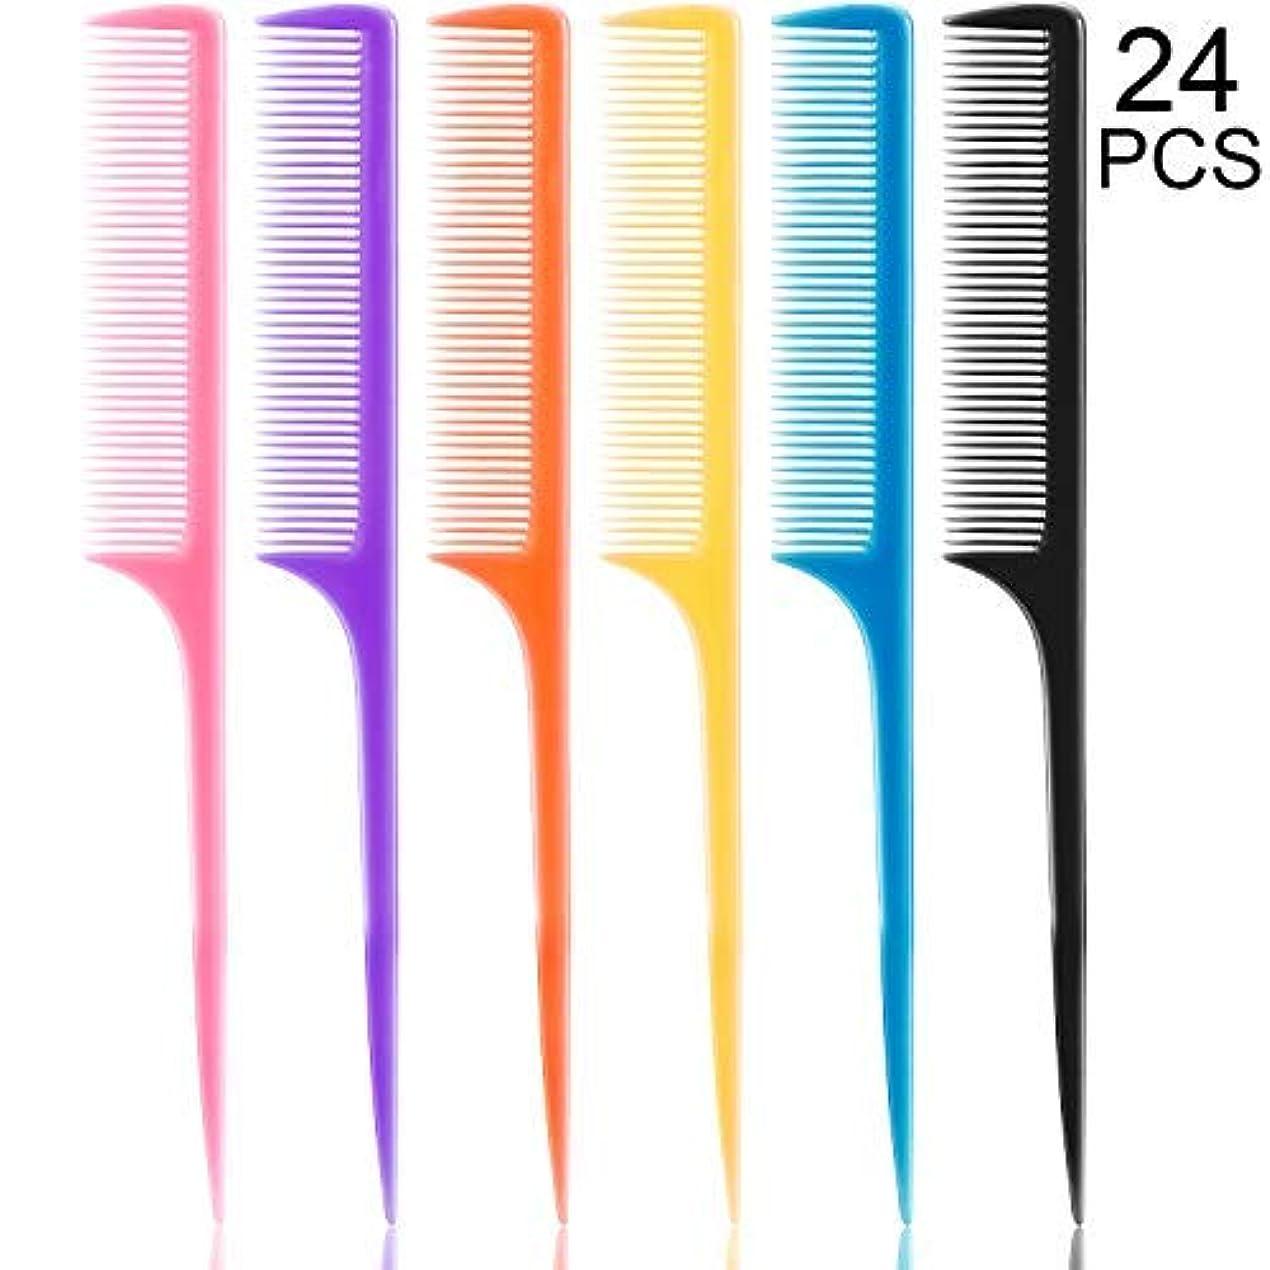 イブ横たわる雇った24 Pieces Plastic Rat Tail Combs 8.5 Inch Fine-tooth Hair Combs Pin Tail Hair Styling Combs with Thin and Long...